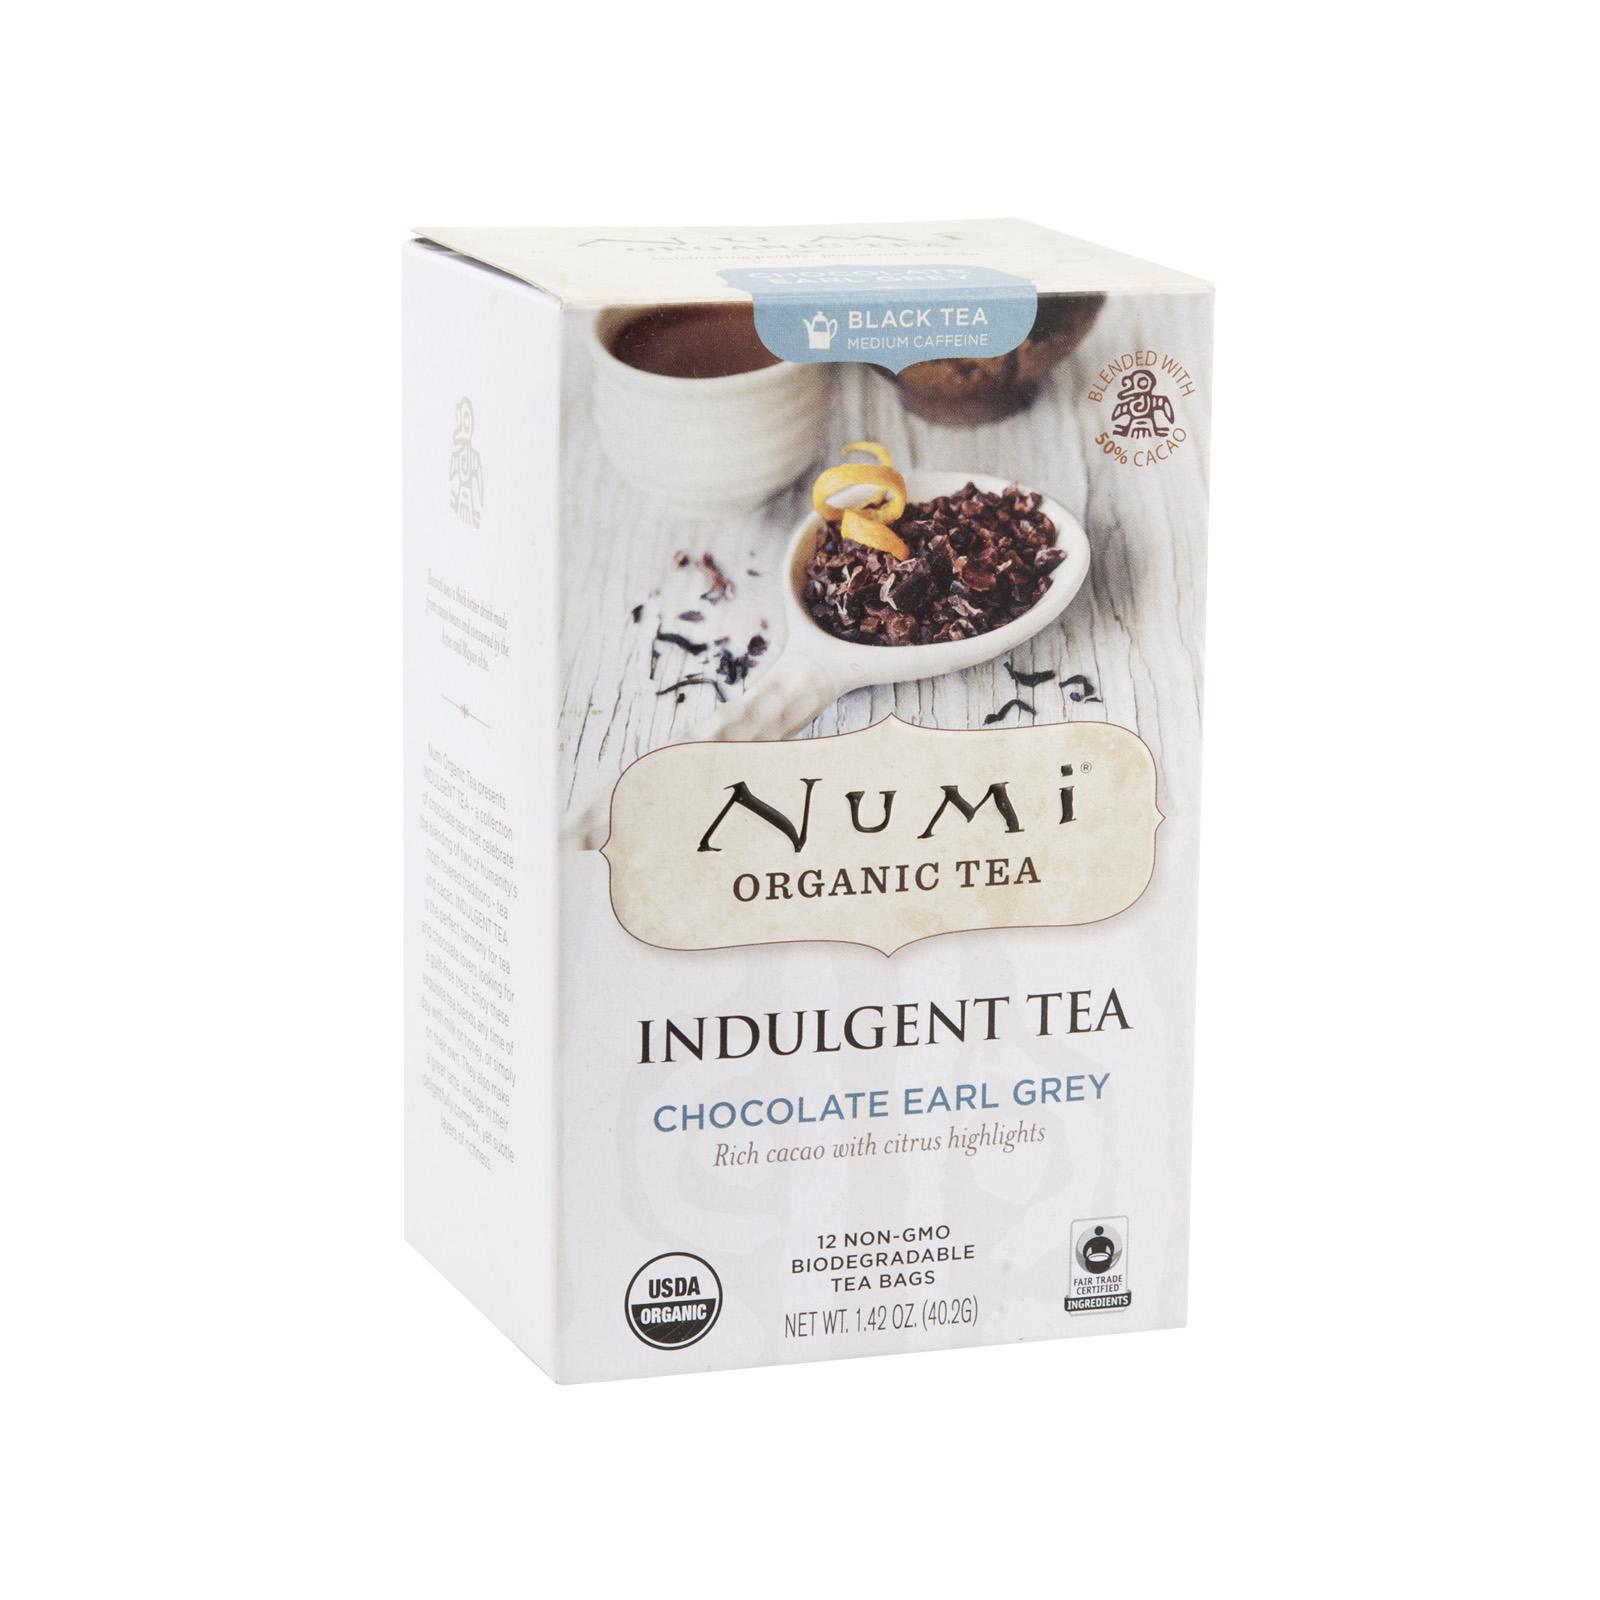 Numi Čokoládový čaj Earl Grey, Indulgent Tea 12 ks, 40,2 g